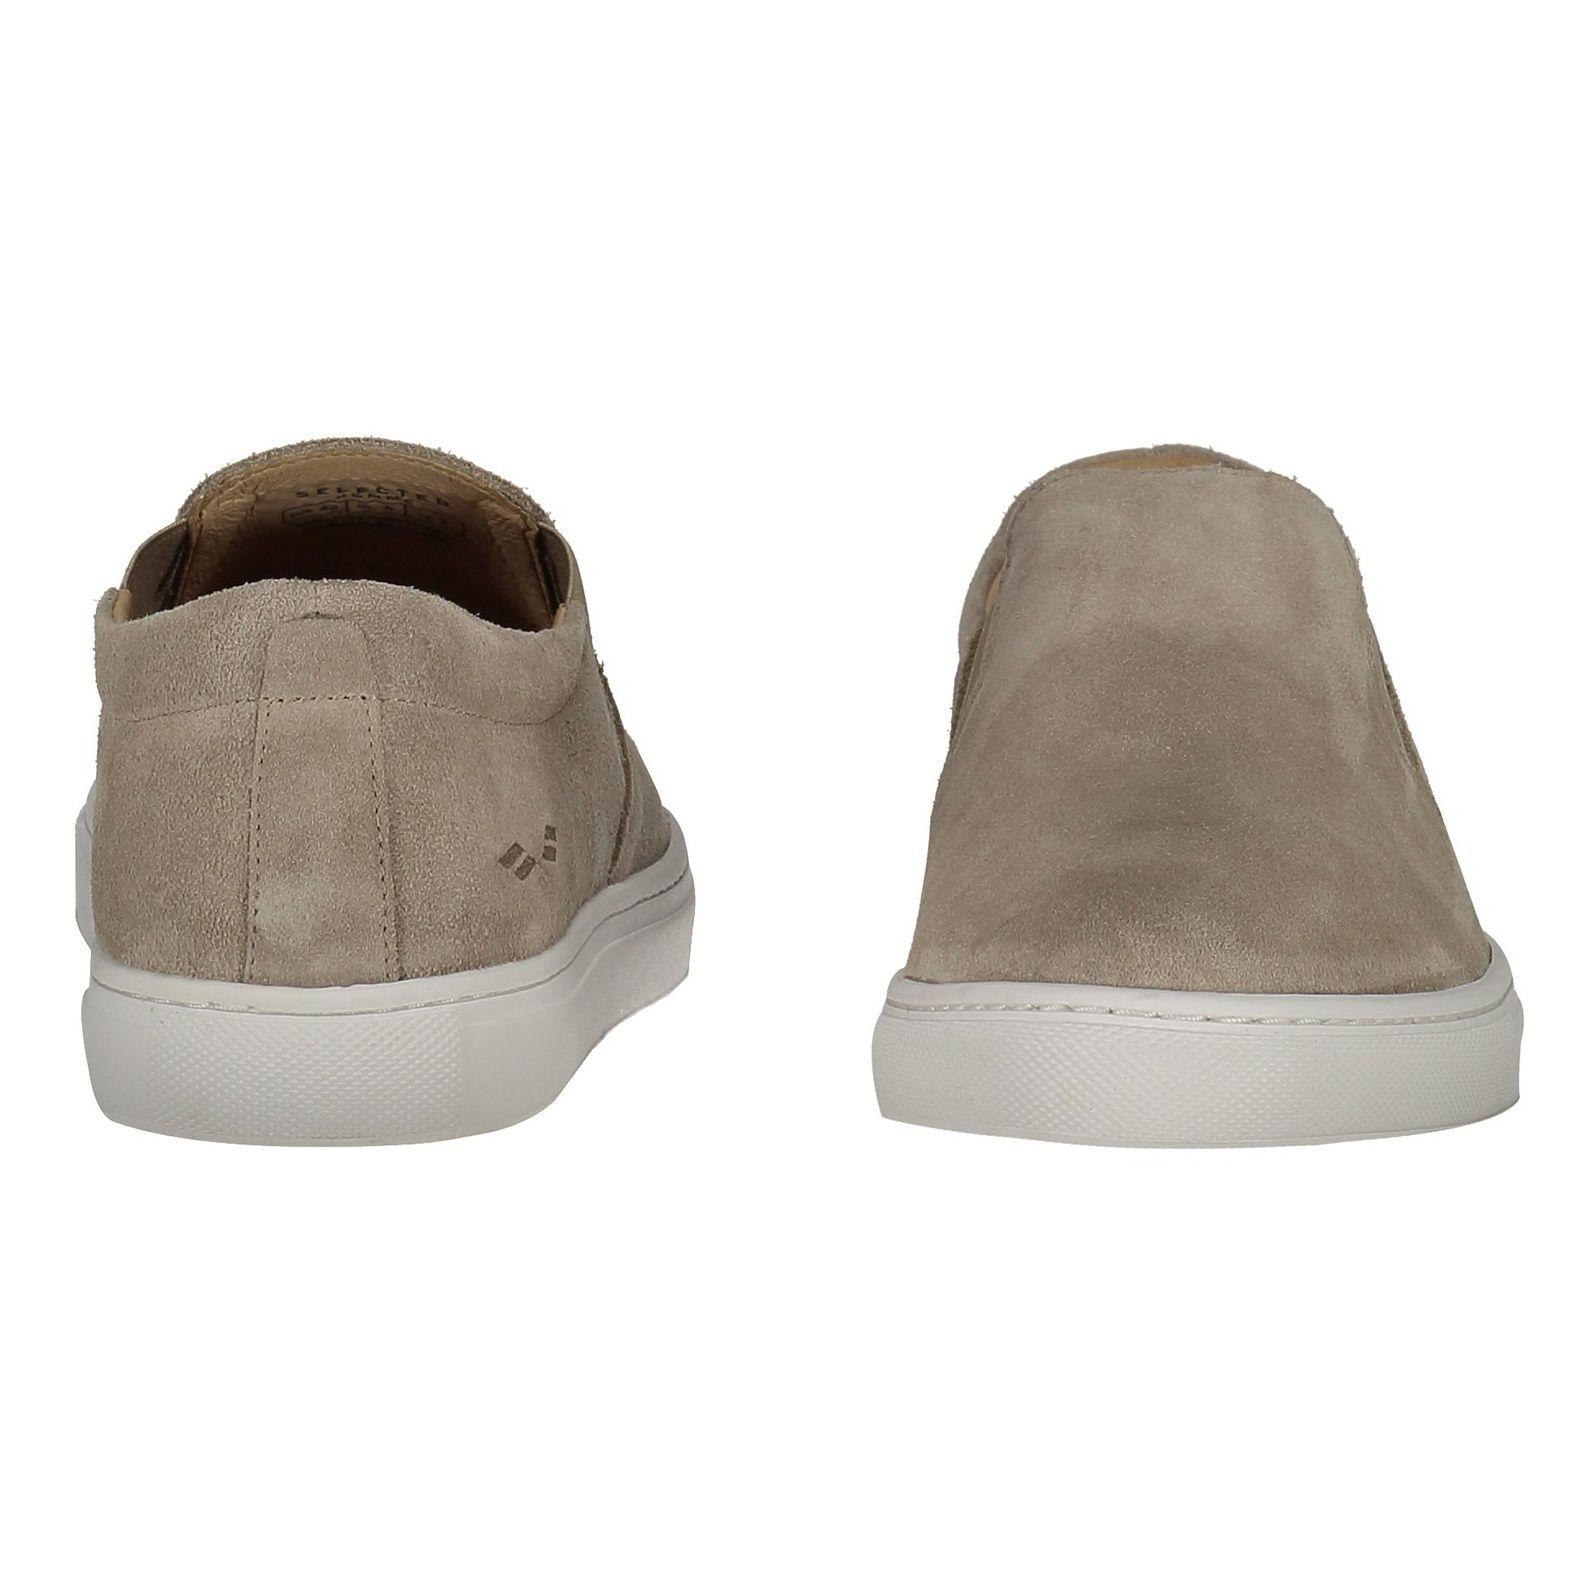 کفش جیر راحتی مردانه - سلکتد - بژ - 5